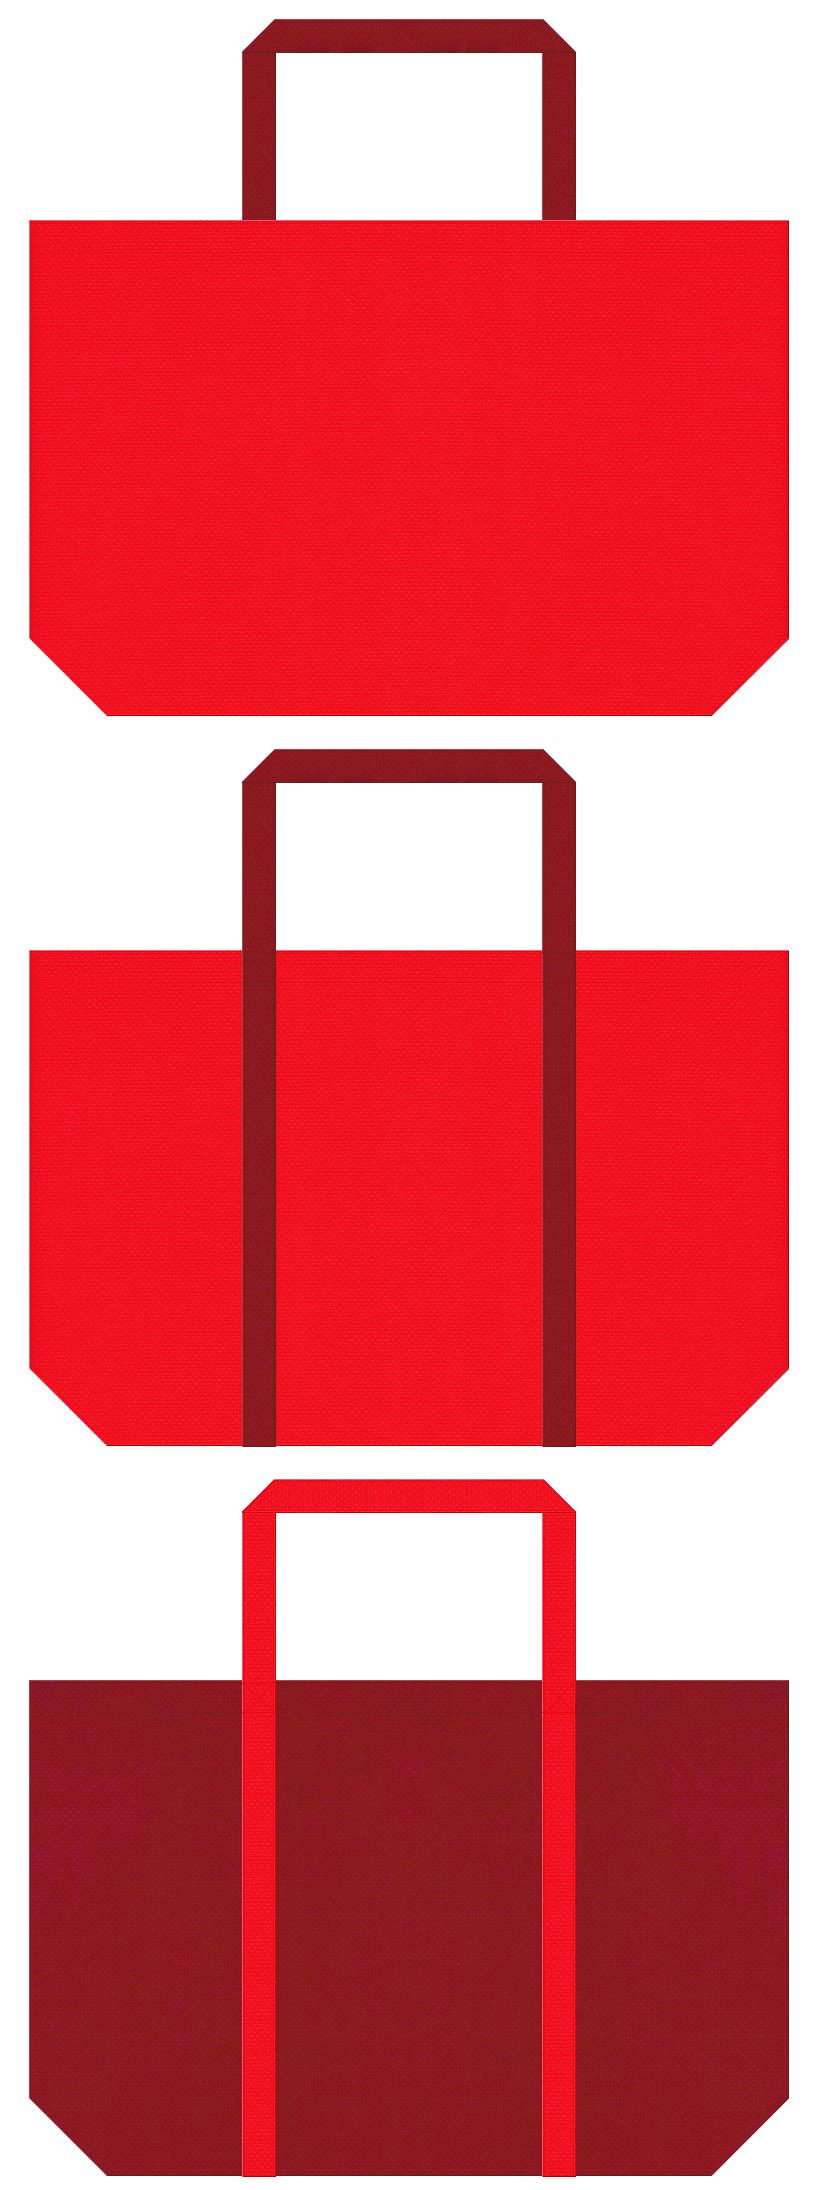 鎧兜・端午の節句・赤備え・お城イベント・紅葉・観光・暖炉・ストーブ・クリスマスセール・お正月・福袋にお奨めの不織布ショッピングバッグのデザイン:赤色とエンジ色のコーデ